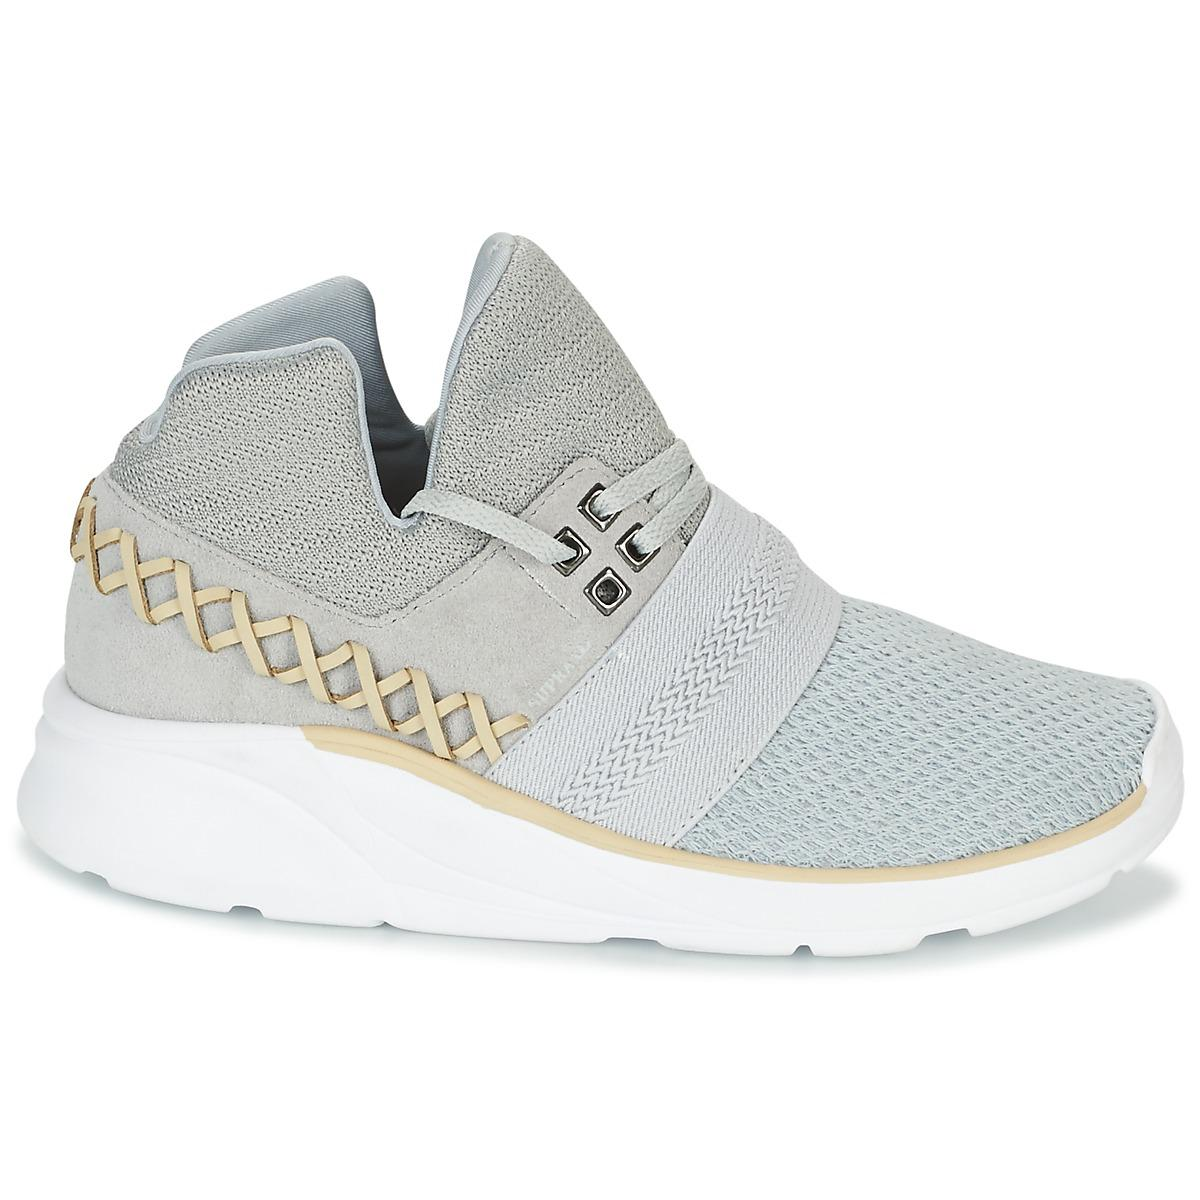 CATORI Chaussures Supra en coloris Gris